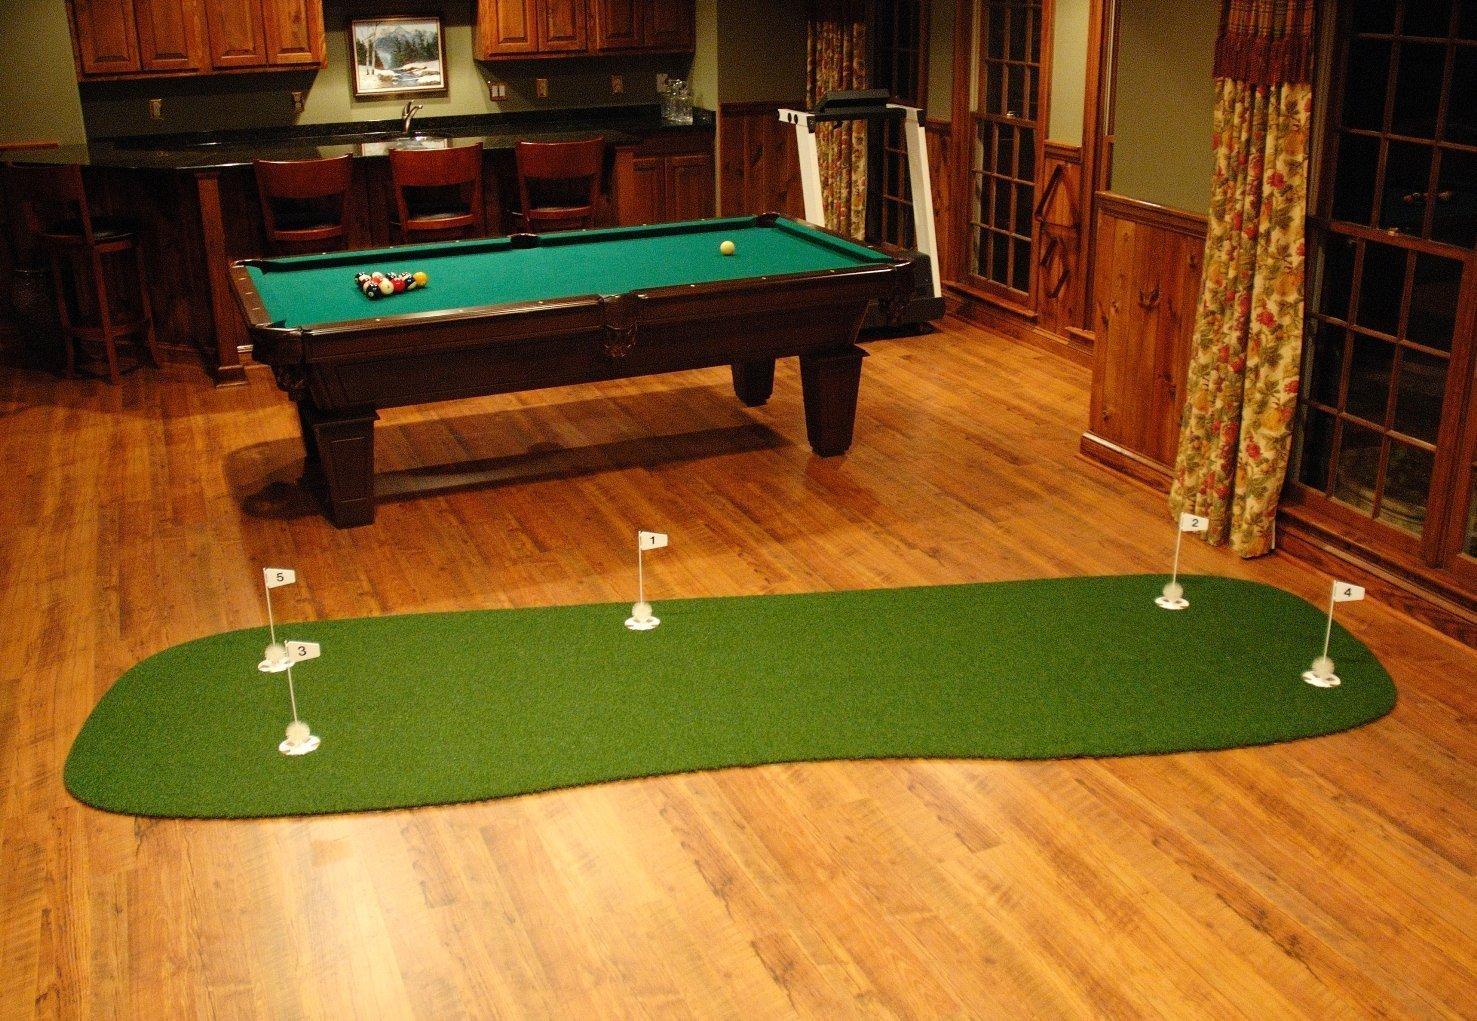 StarPro's Indoor/Outdoor Professional Practice Golf Putting Greens